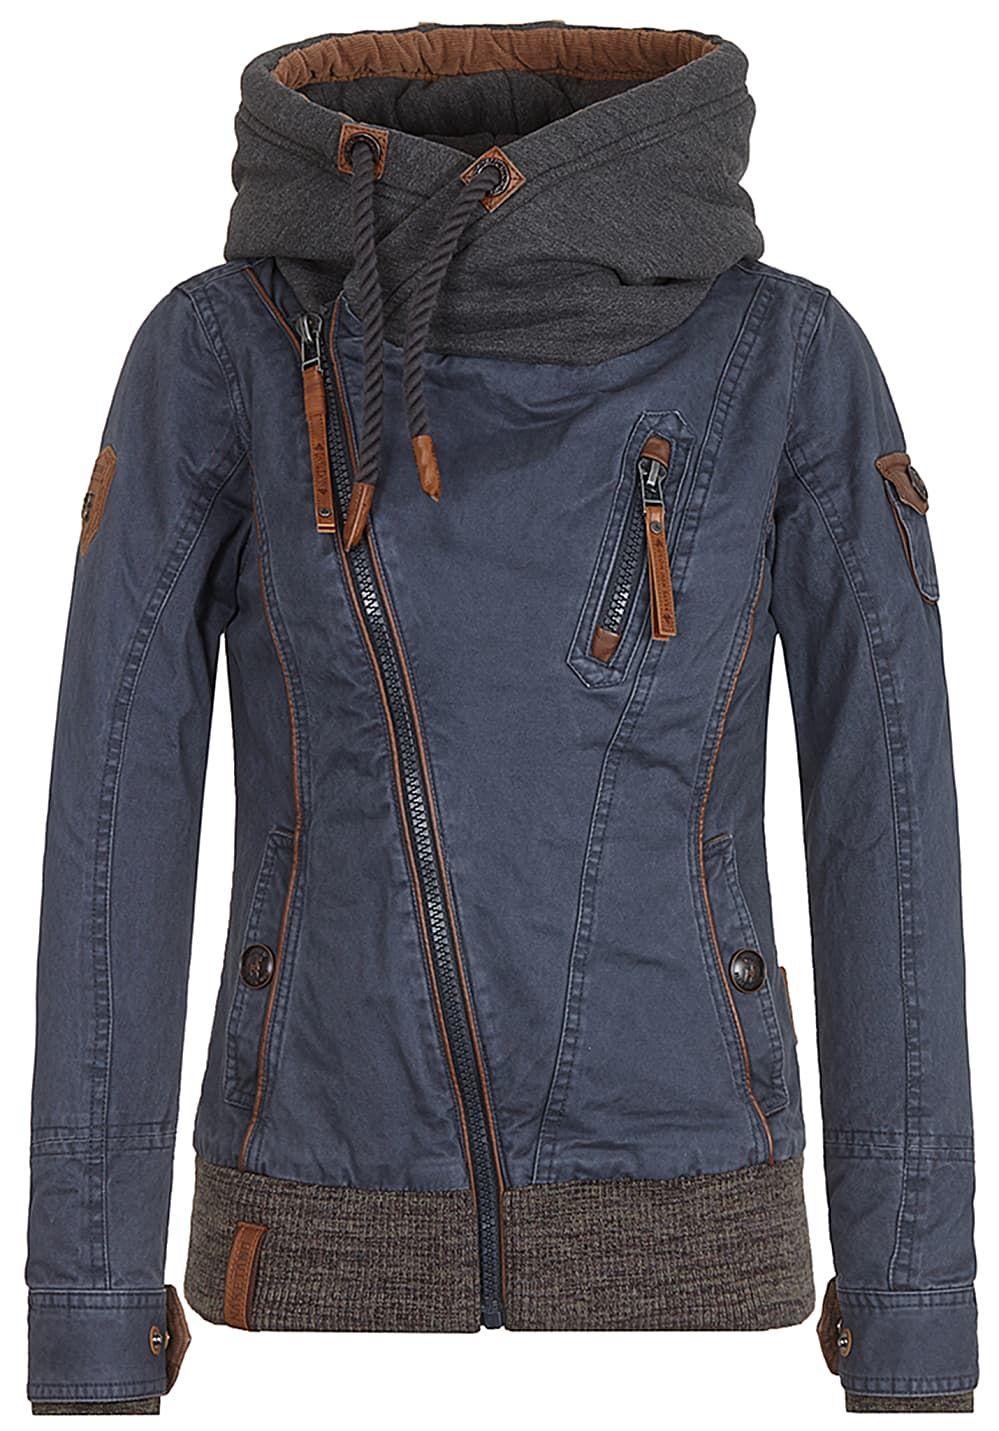 Naketano Walk The Line Jacke für Damen Blau Jetzt